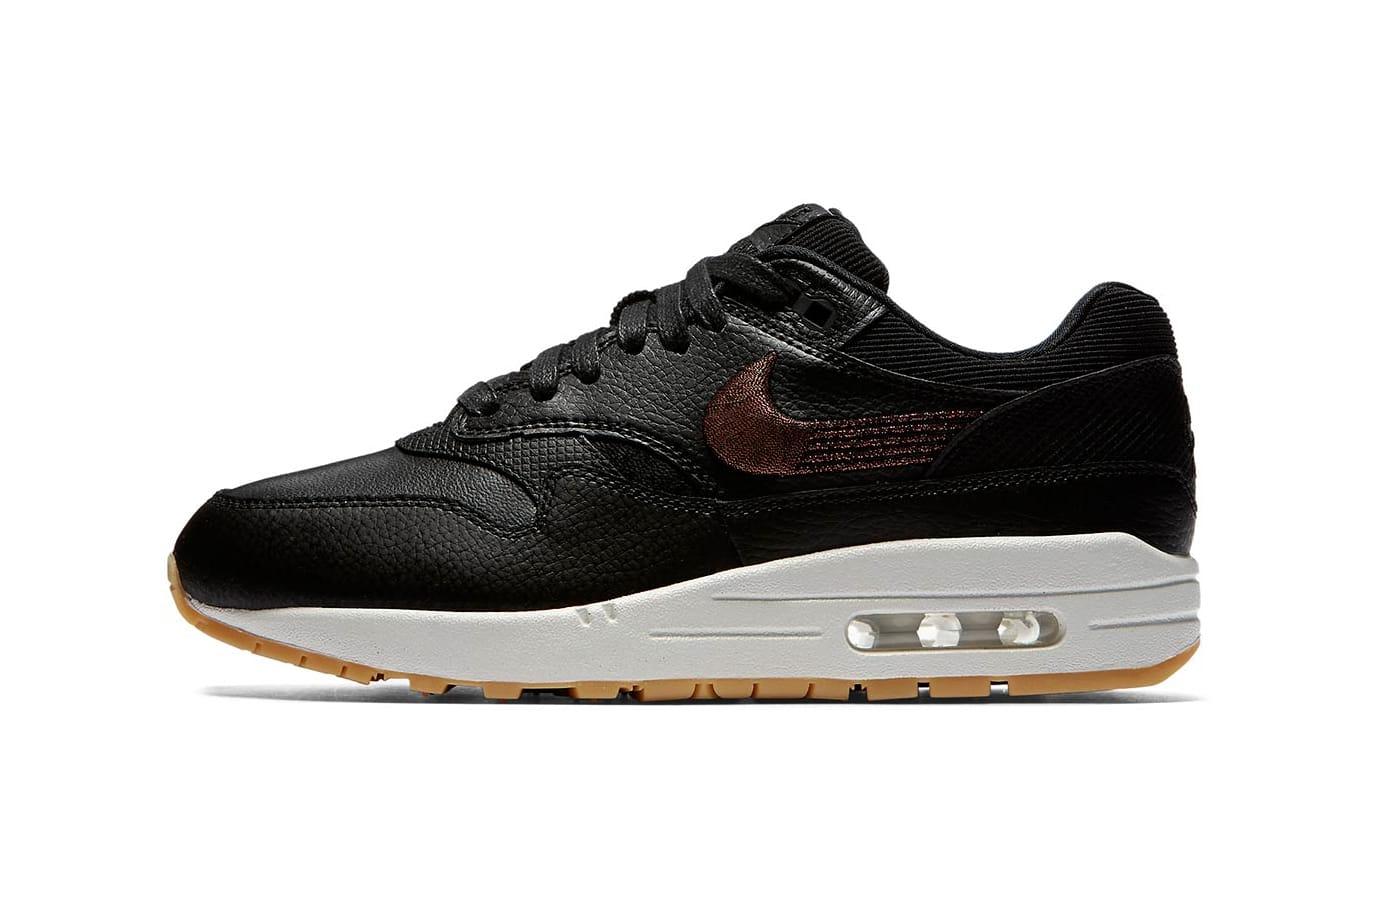 Nike Air Max 1 Black Leather \u0026 Bronze